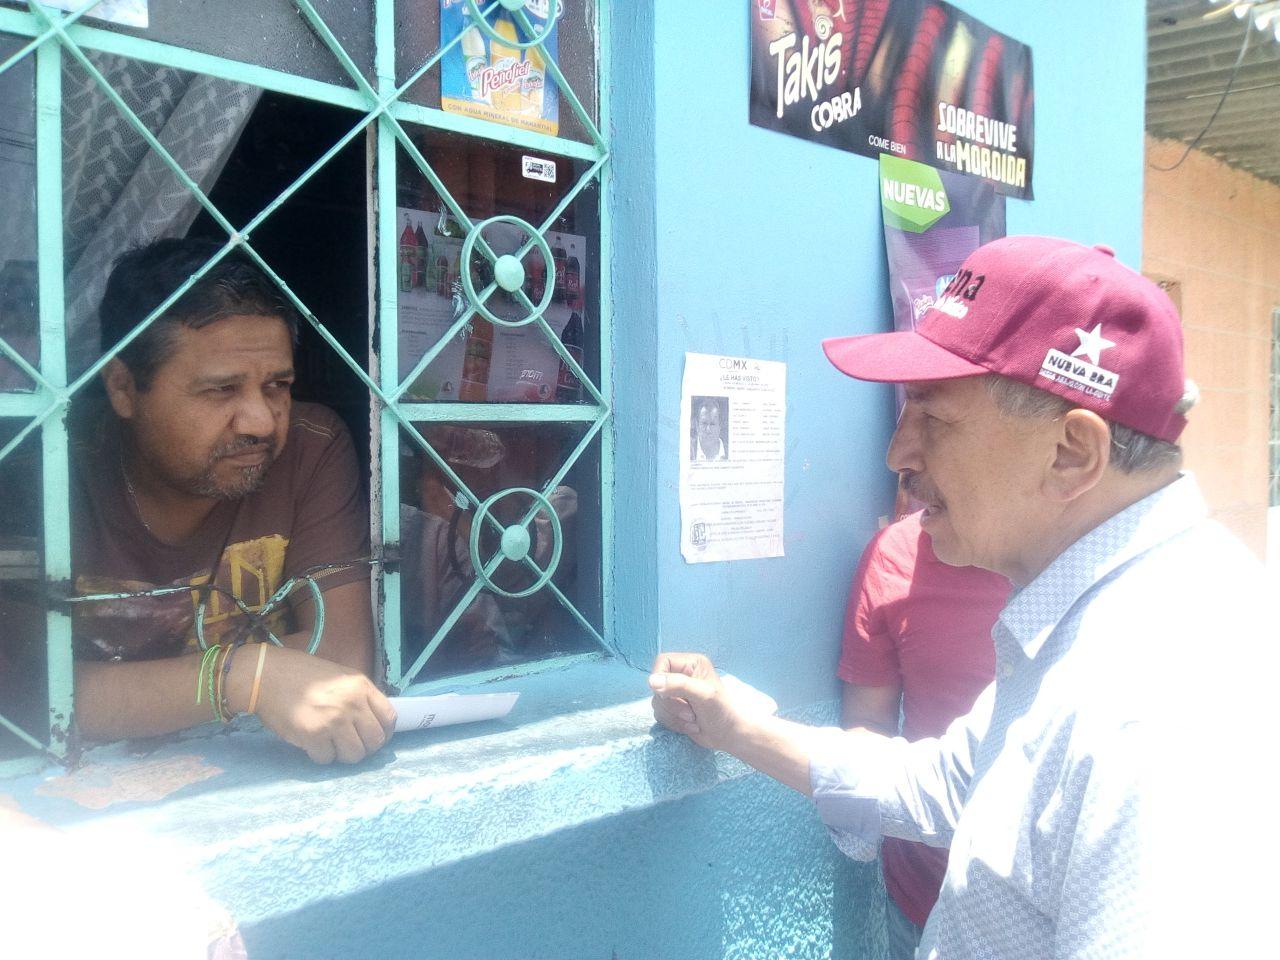 Armando Quintero recorre Iztacalco para platicar con los vecinos y escuchar sus demandas